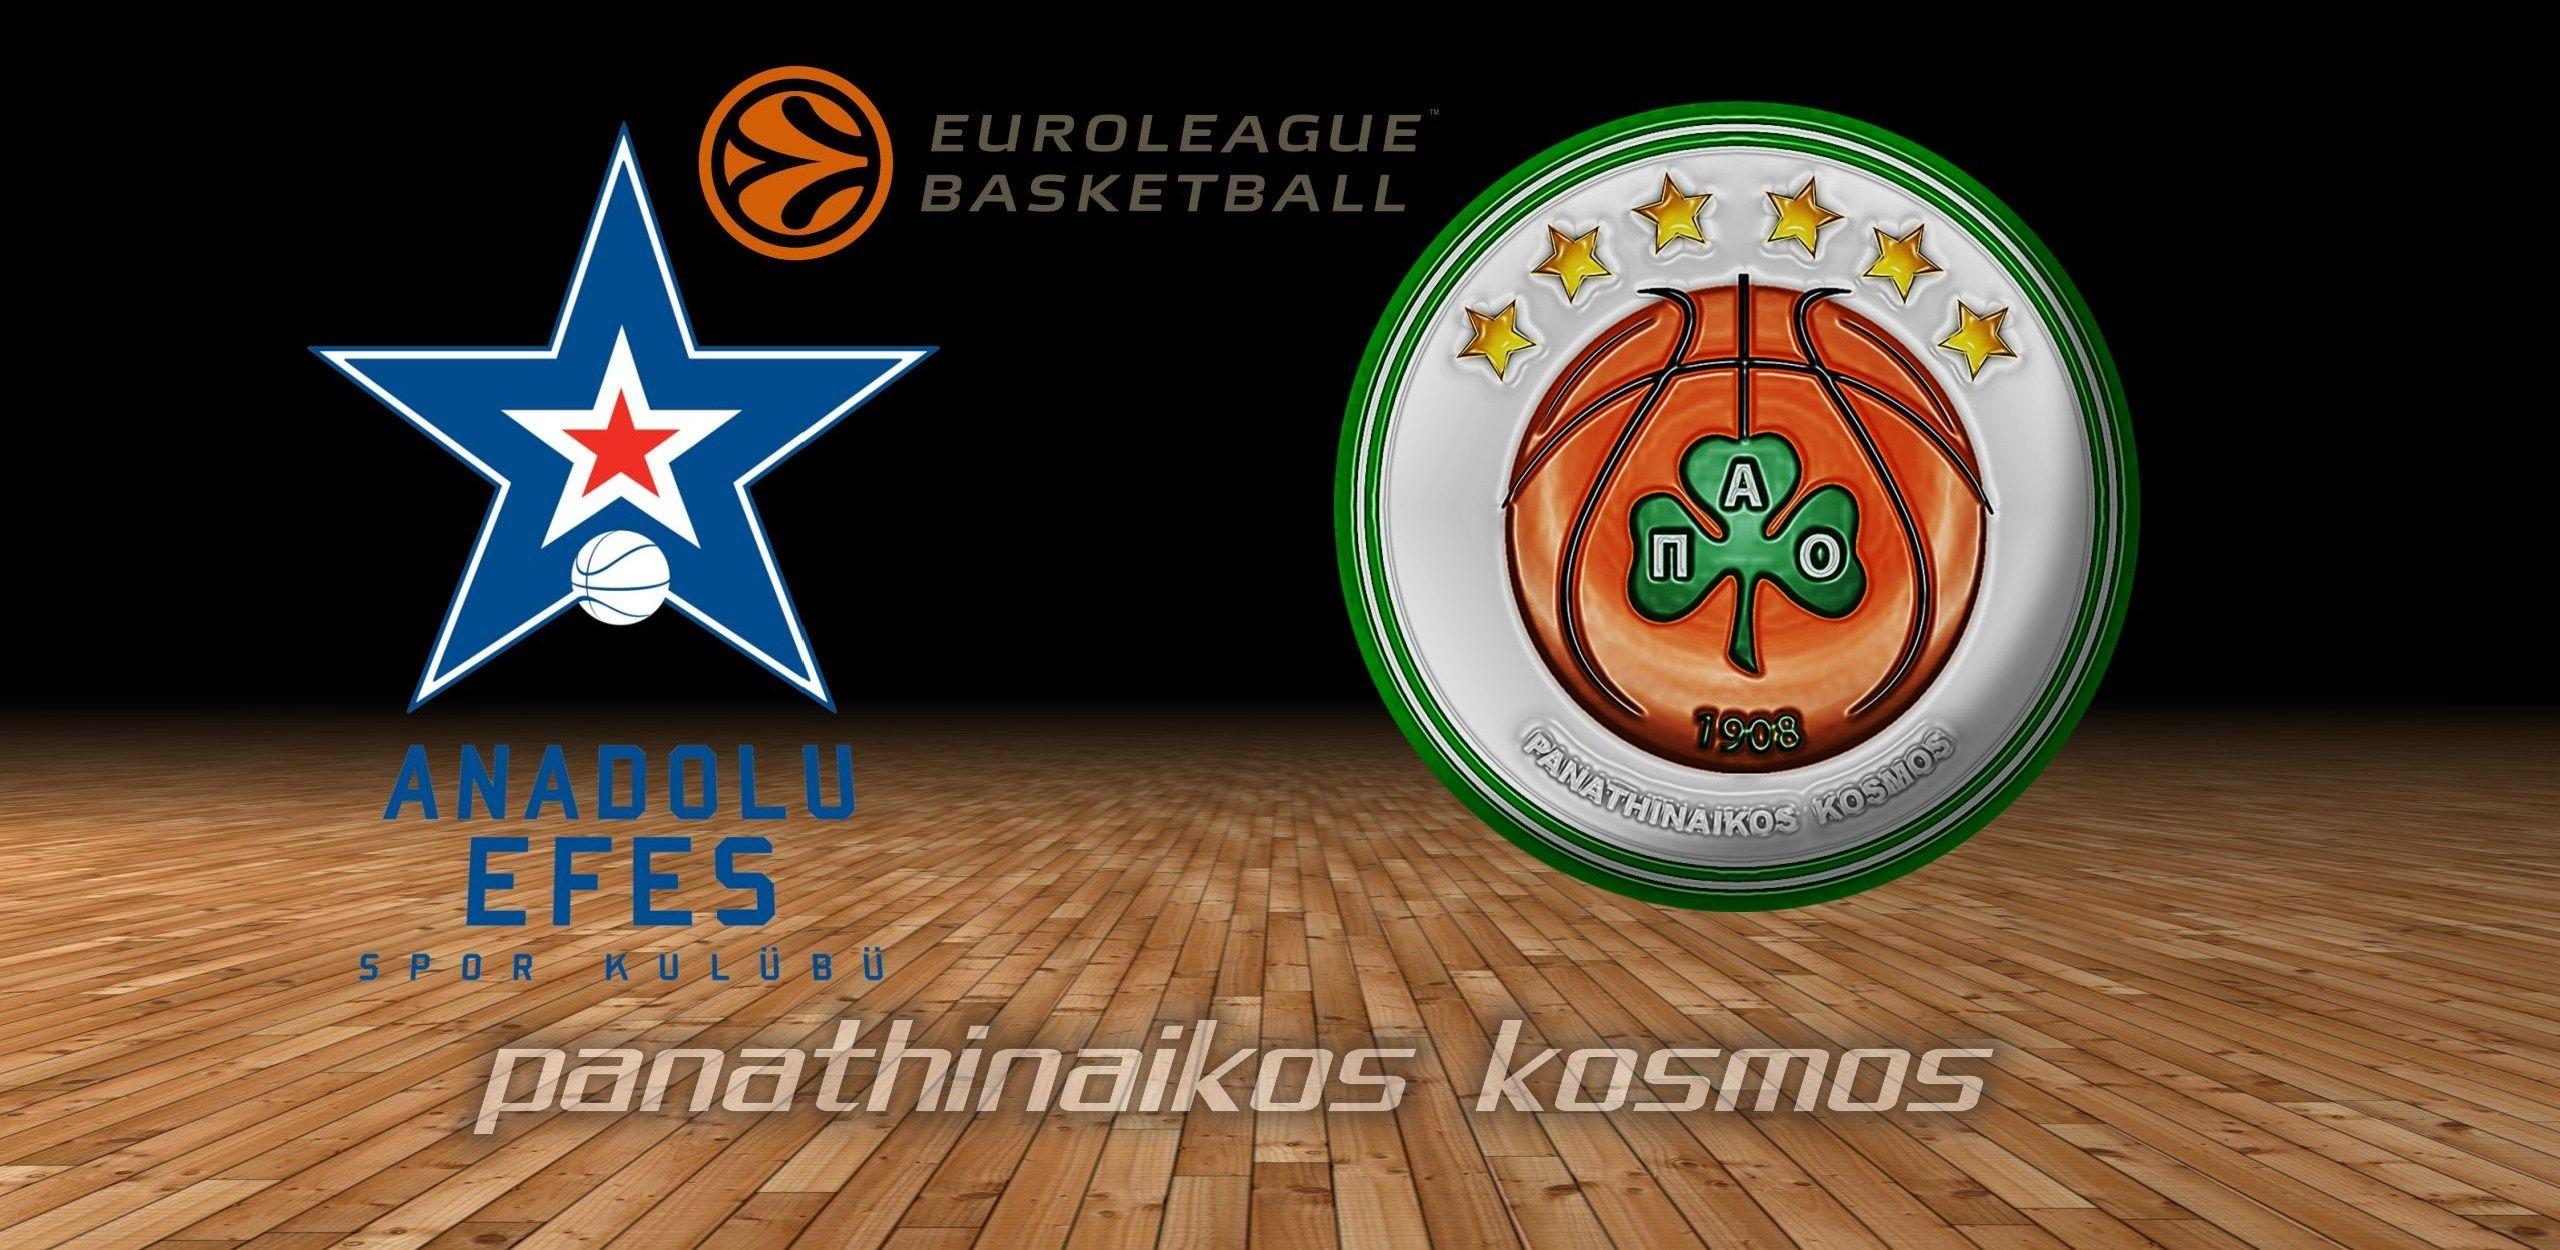 ΑΝΑΤΟΛΟΥ ΕΦΕΣ ΠΑΝΑΘΗΝΑΪΚΟΣ Anadolu EfesPanathinaikos